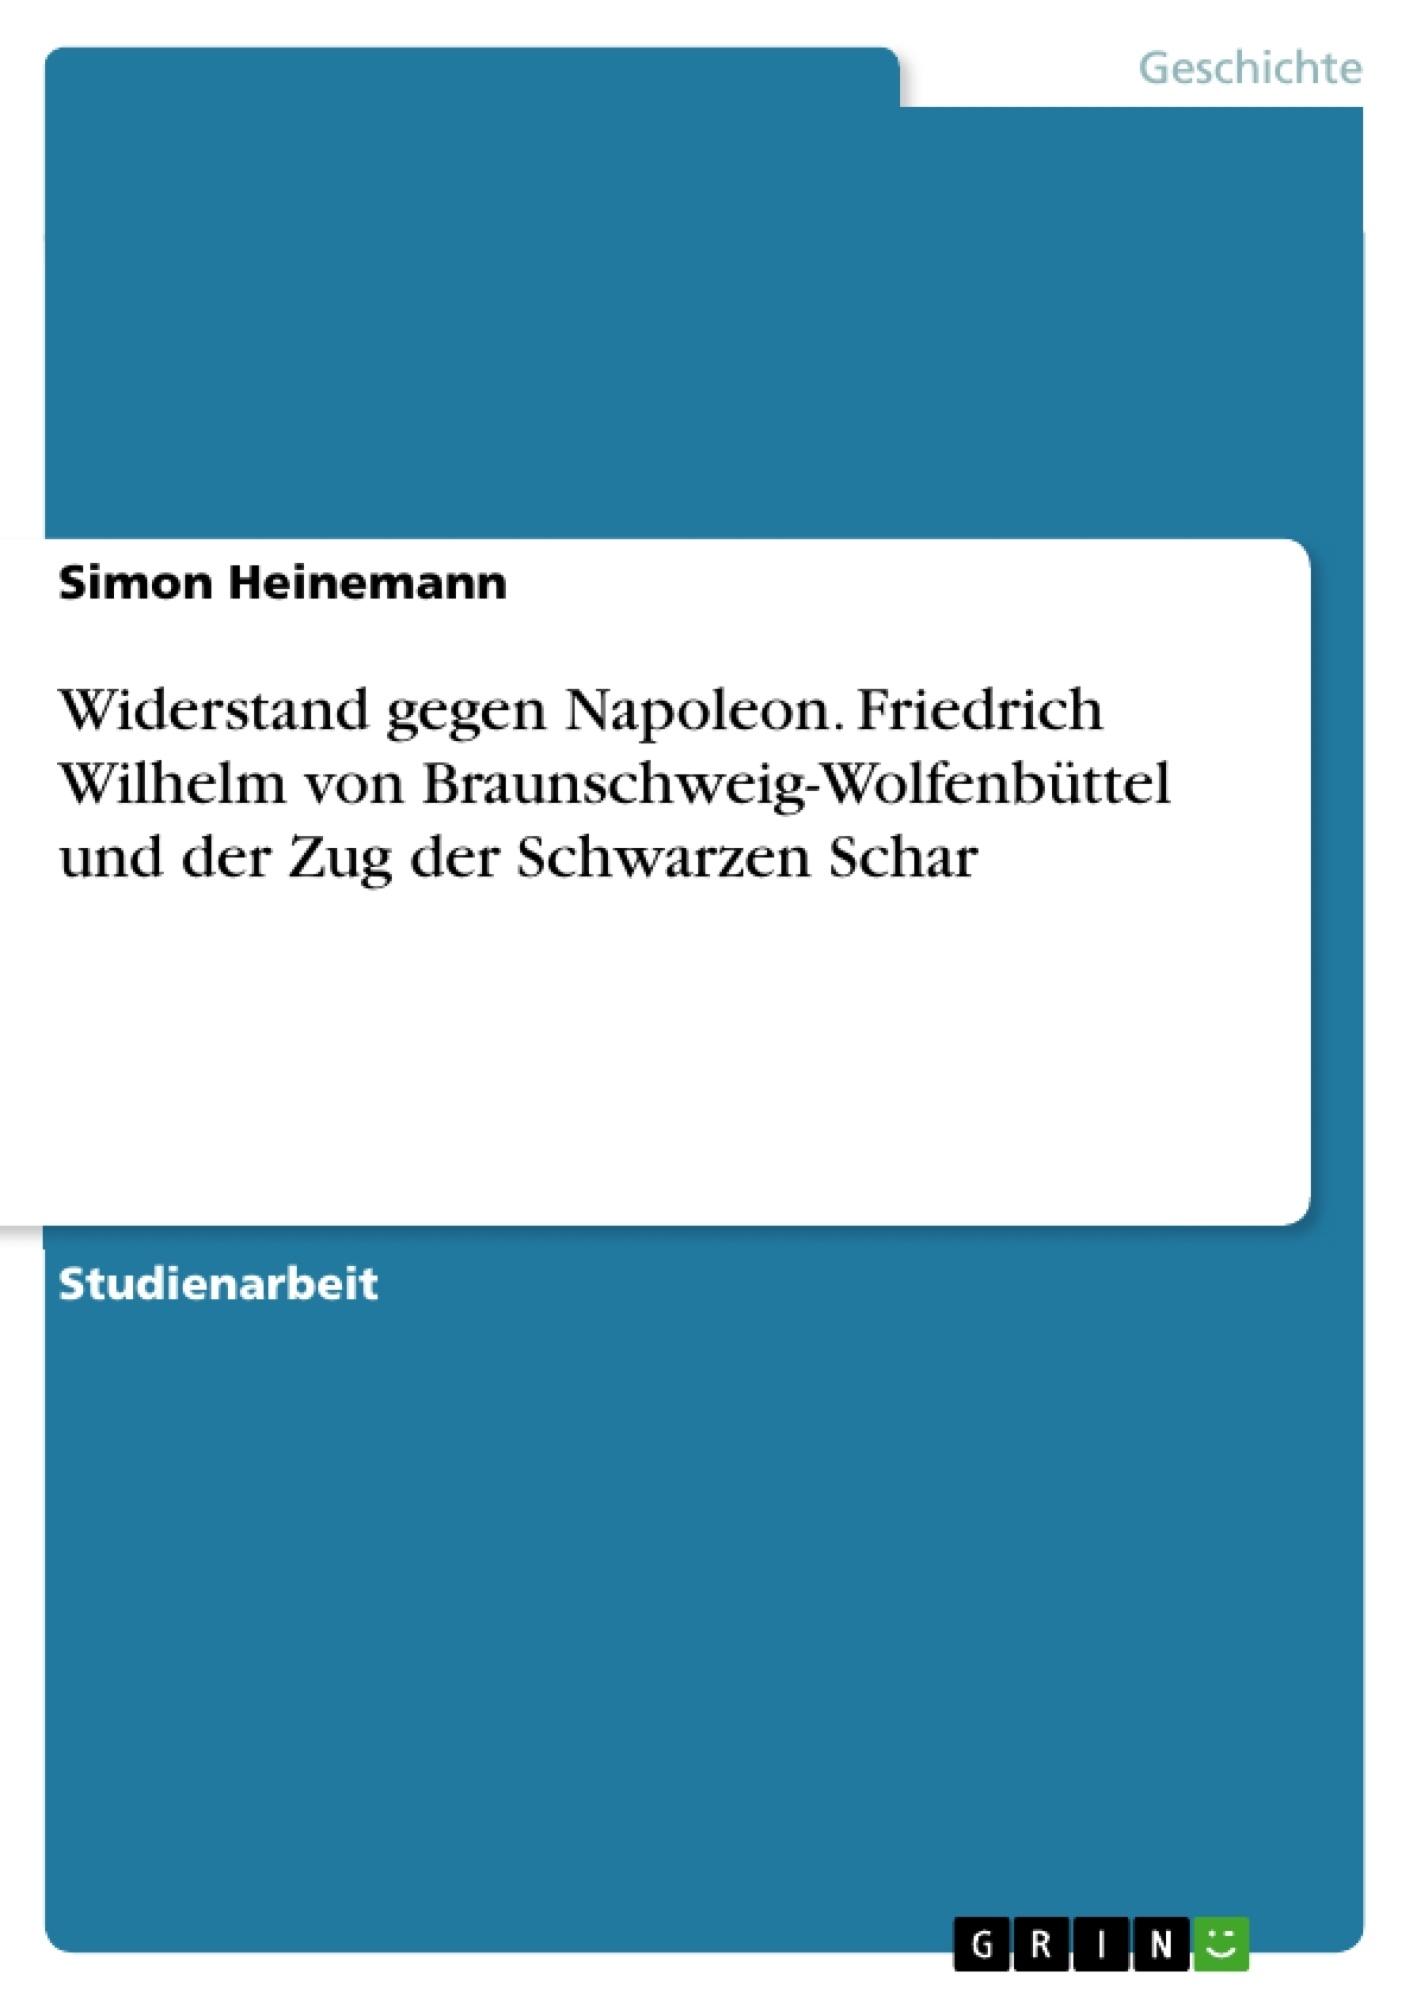 Titel: Widerstand gegen Napoleon. Friedrich Wilhelm von Braunschweig-Wolfenbüttel und der Zug der Schwarzen Schar